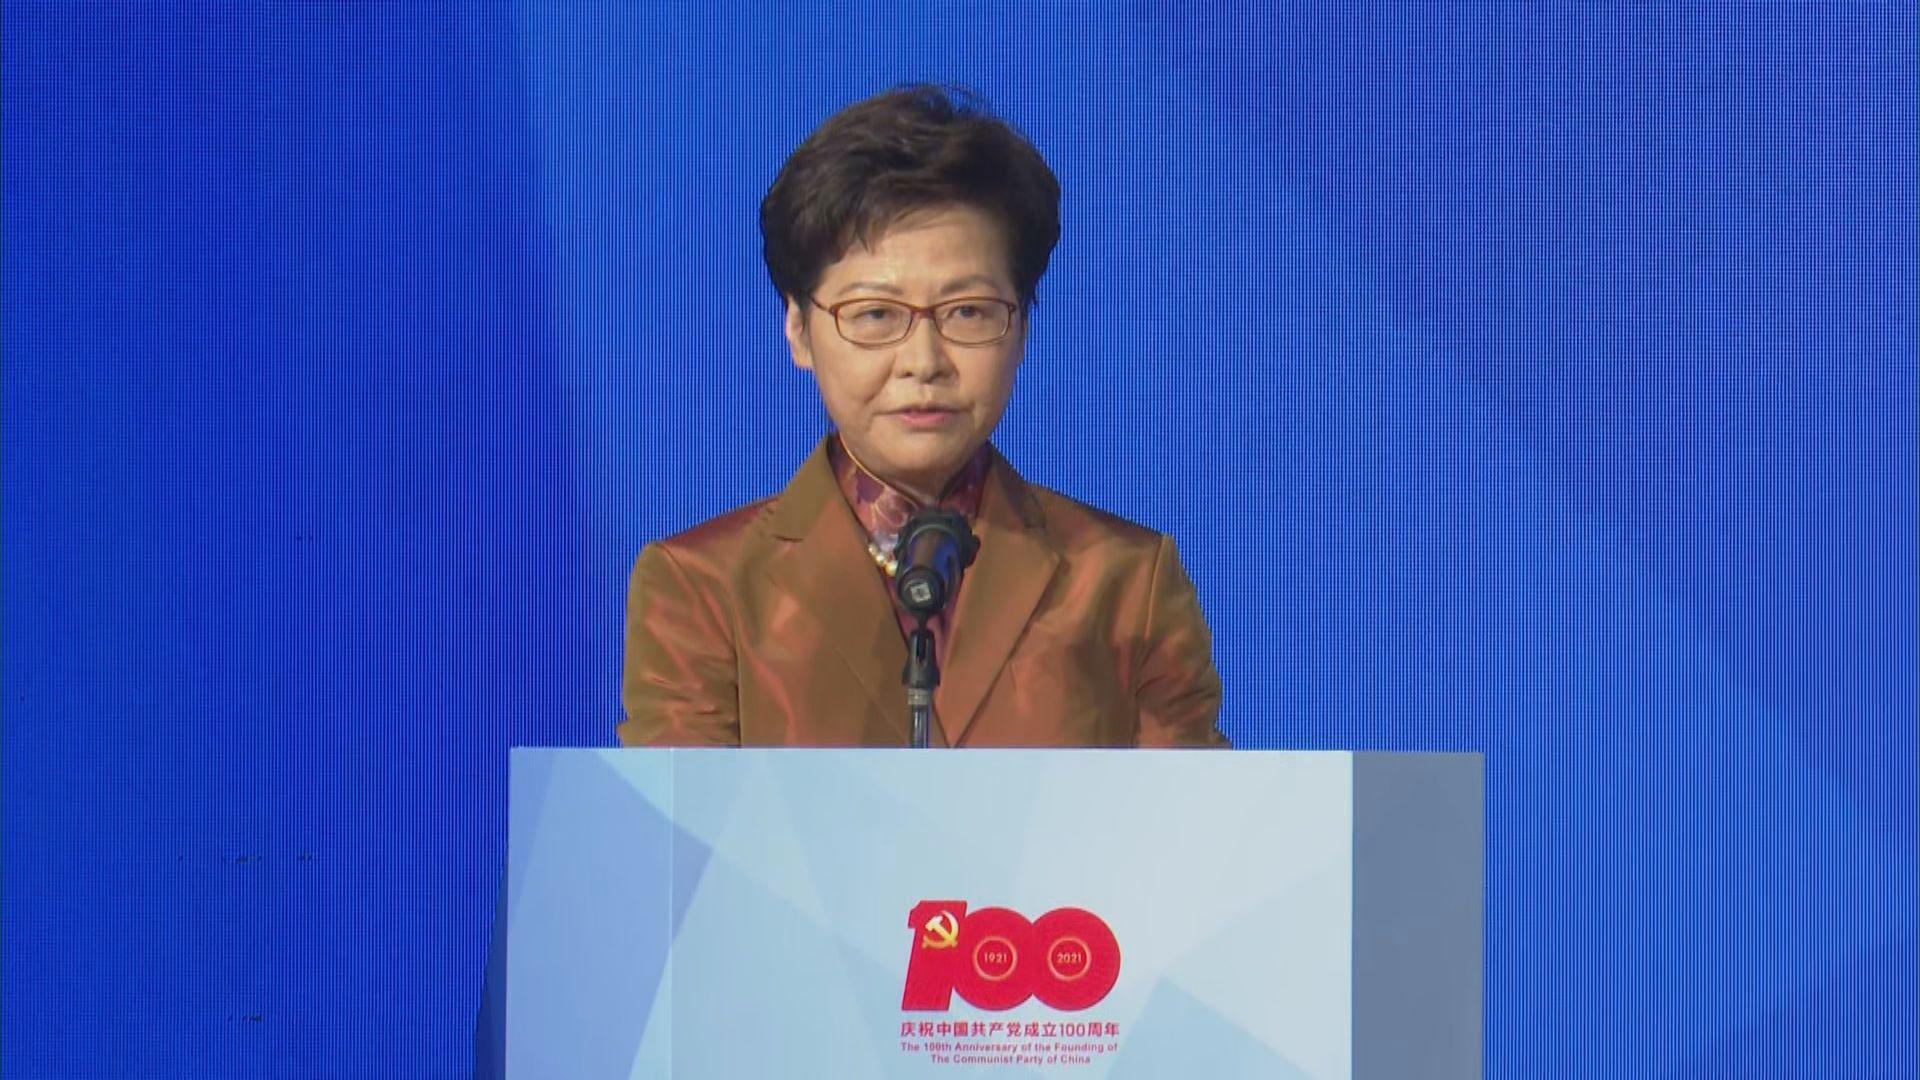 林鄭:香港現重回正軌 港人應為中國夢作貢獻